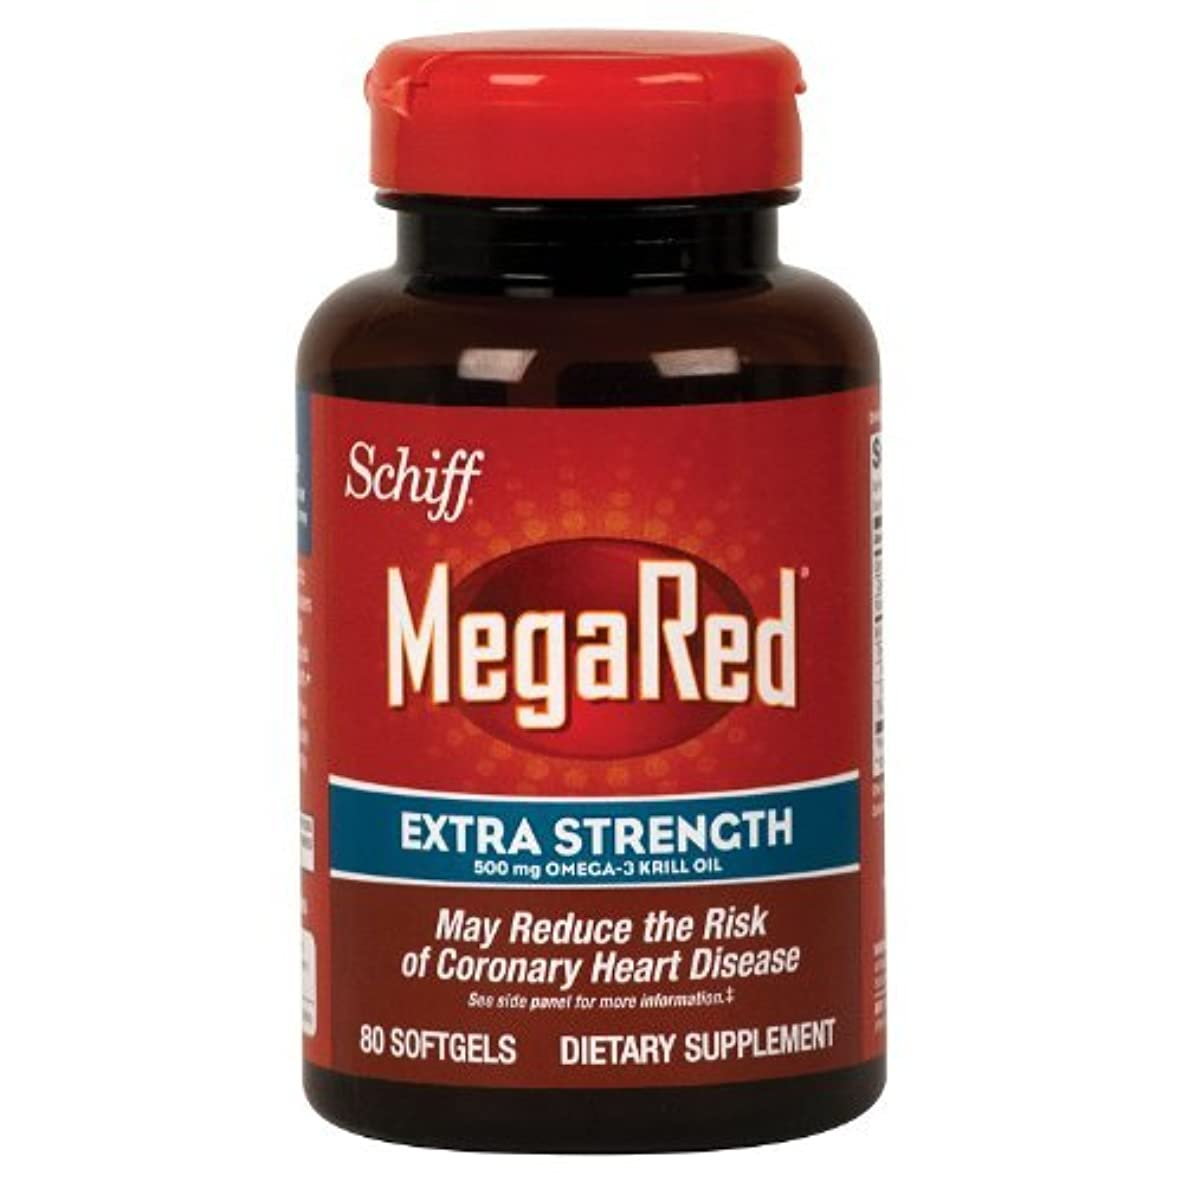 事件、出来事ネクタイ排出Schiff Megared Extra Strength 500mg Omega-3 Krill Oil - 80 Softgels by Simply Right [並行輸入品]